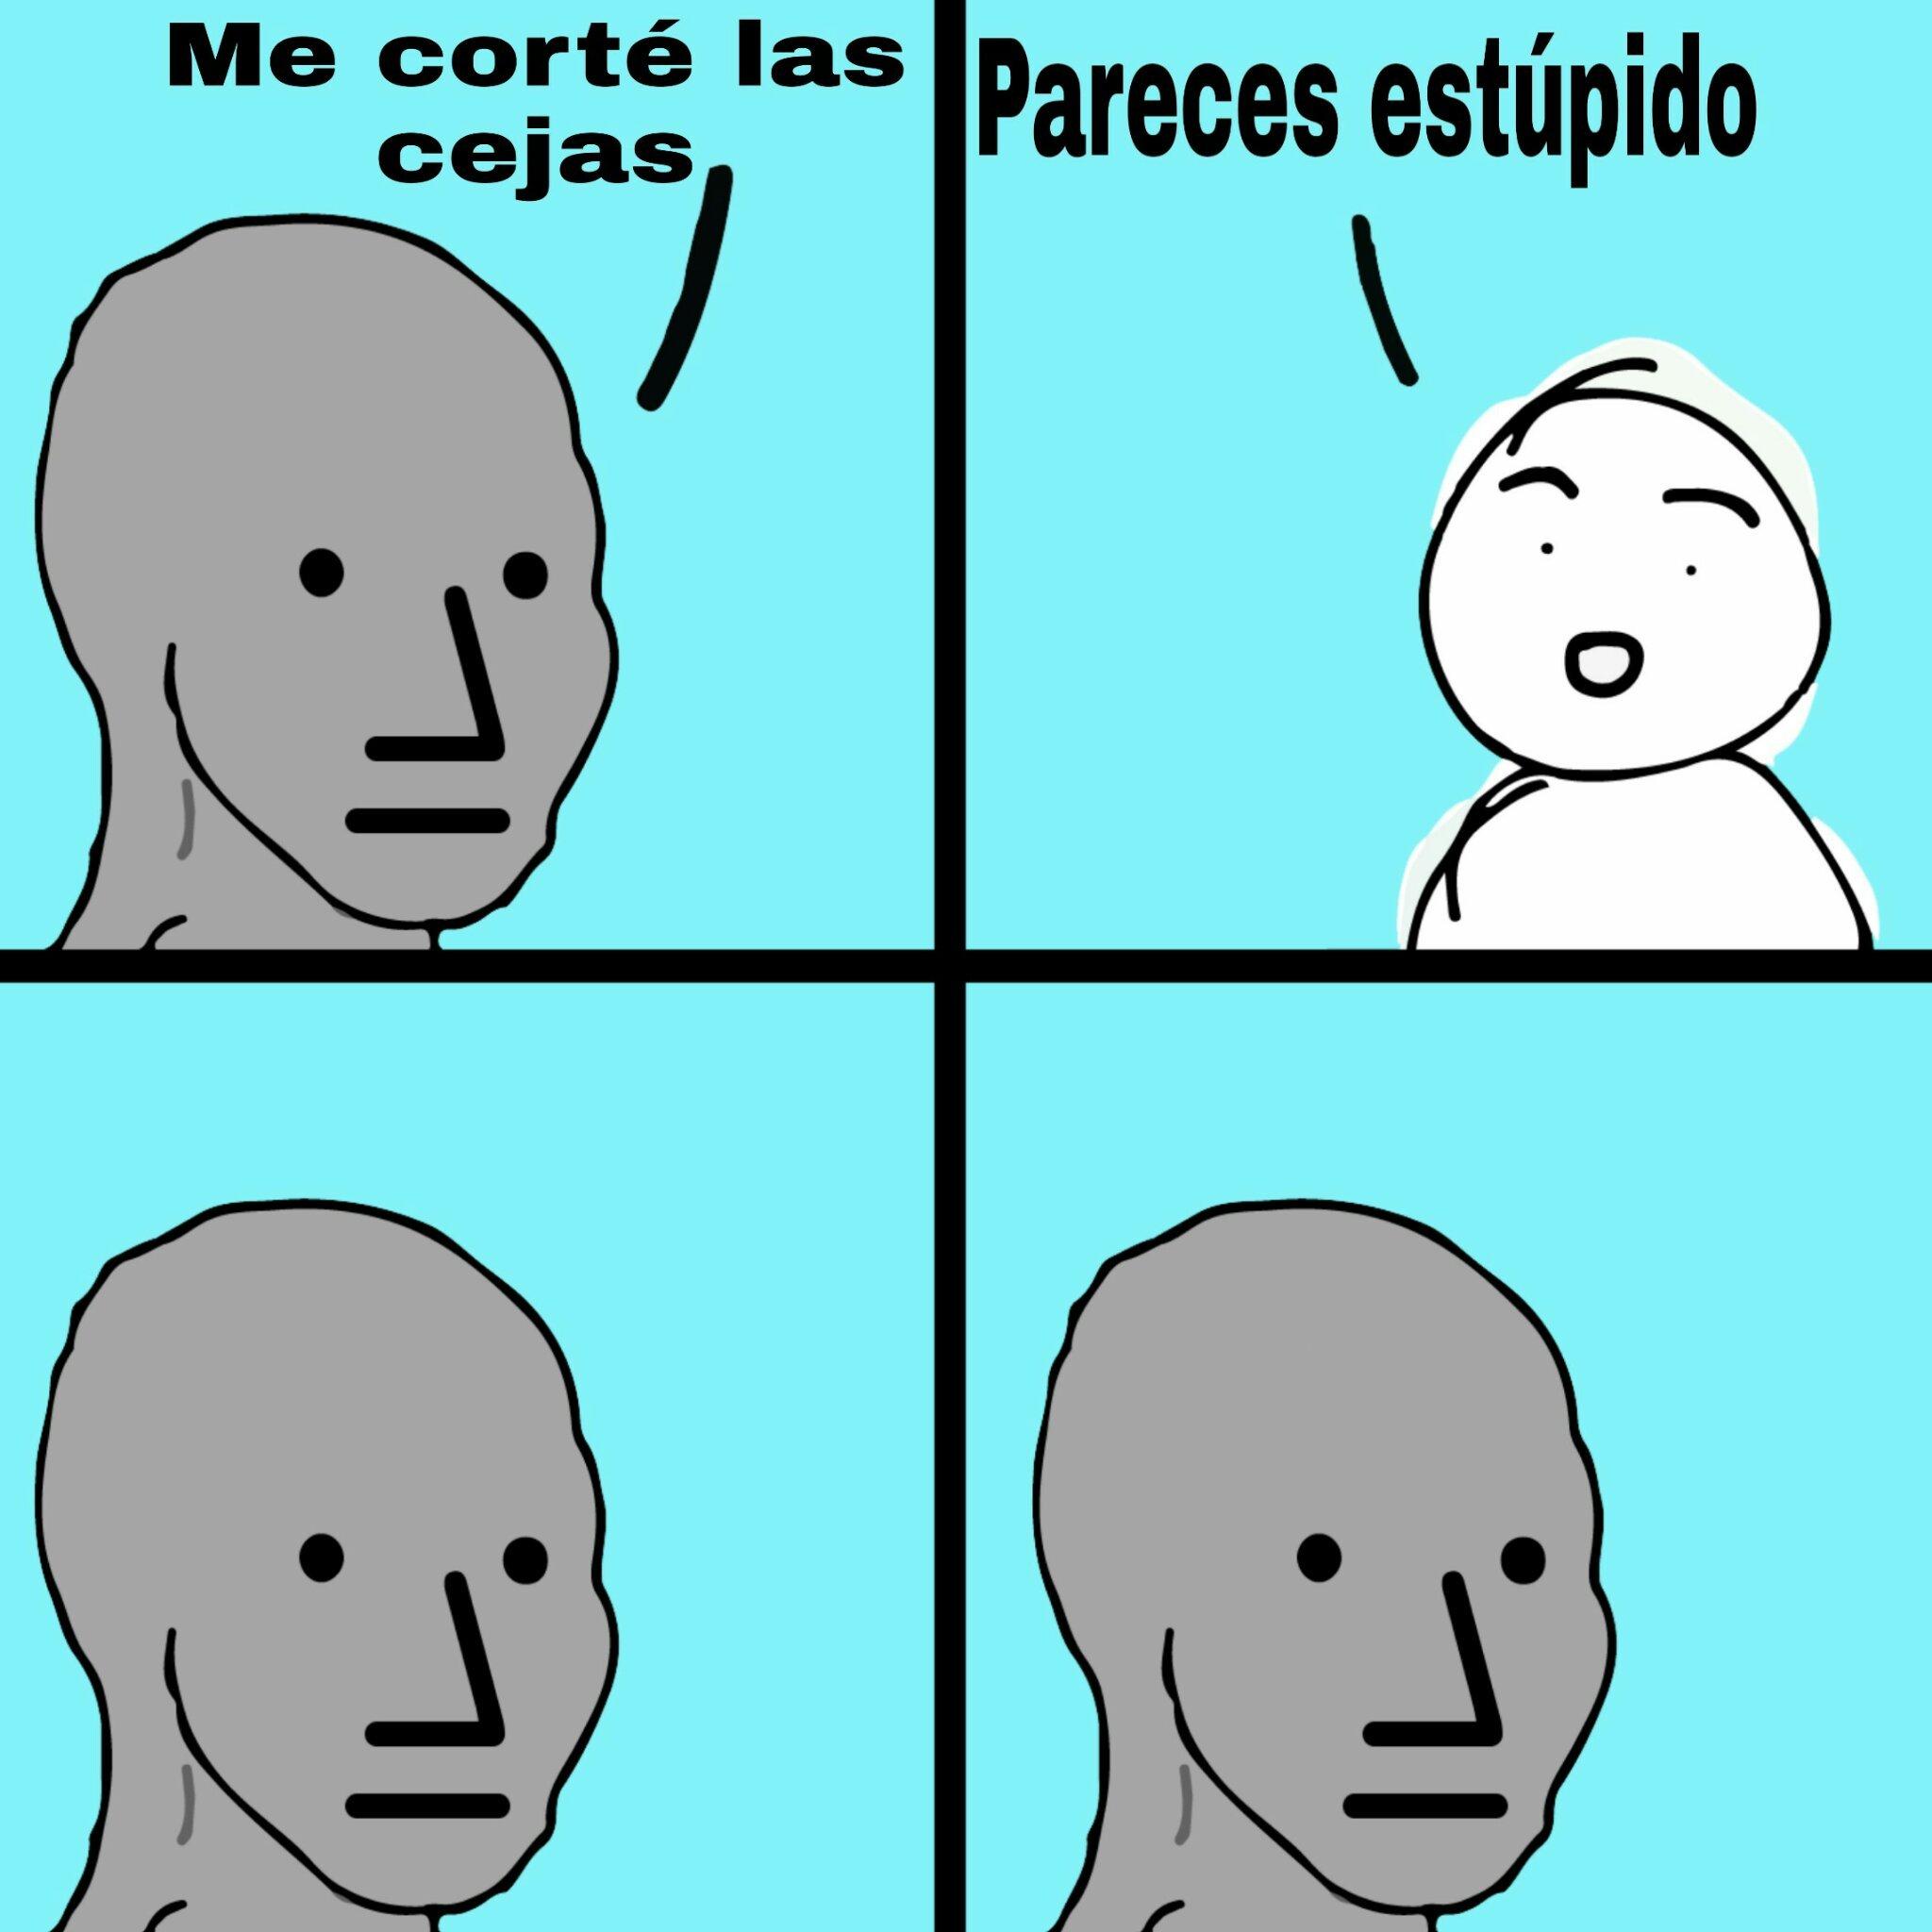 La wea mala (robado y traducido de r/bonehurtingjuice) - meme